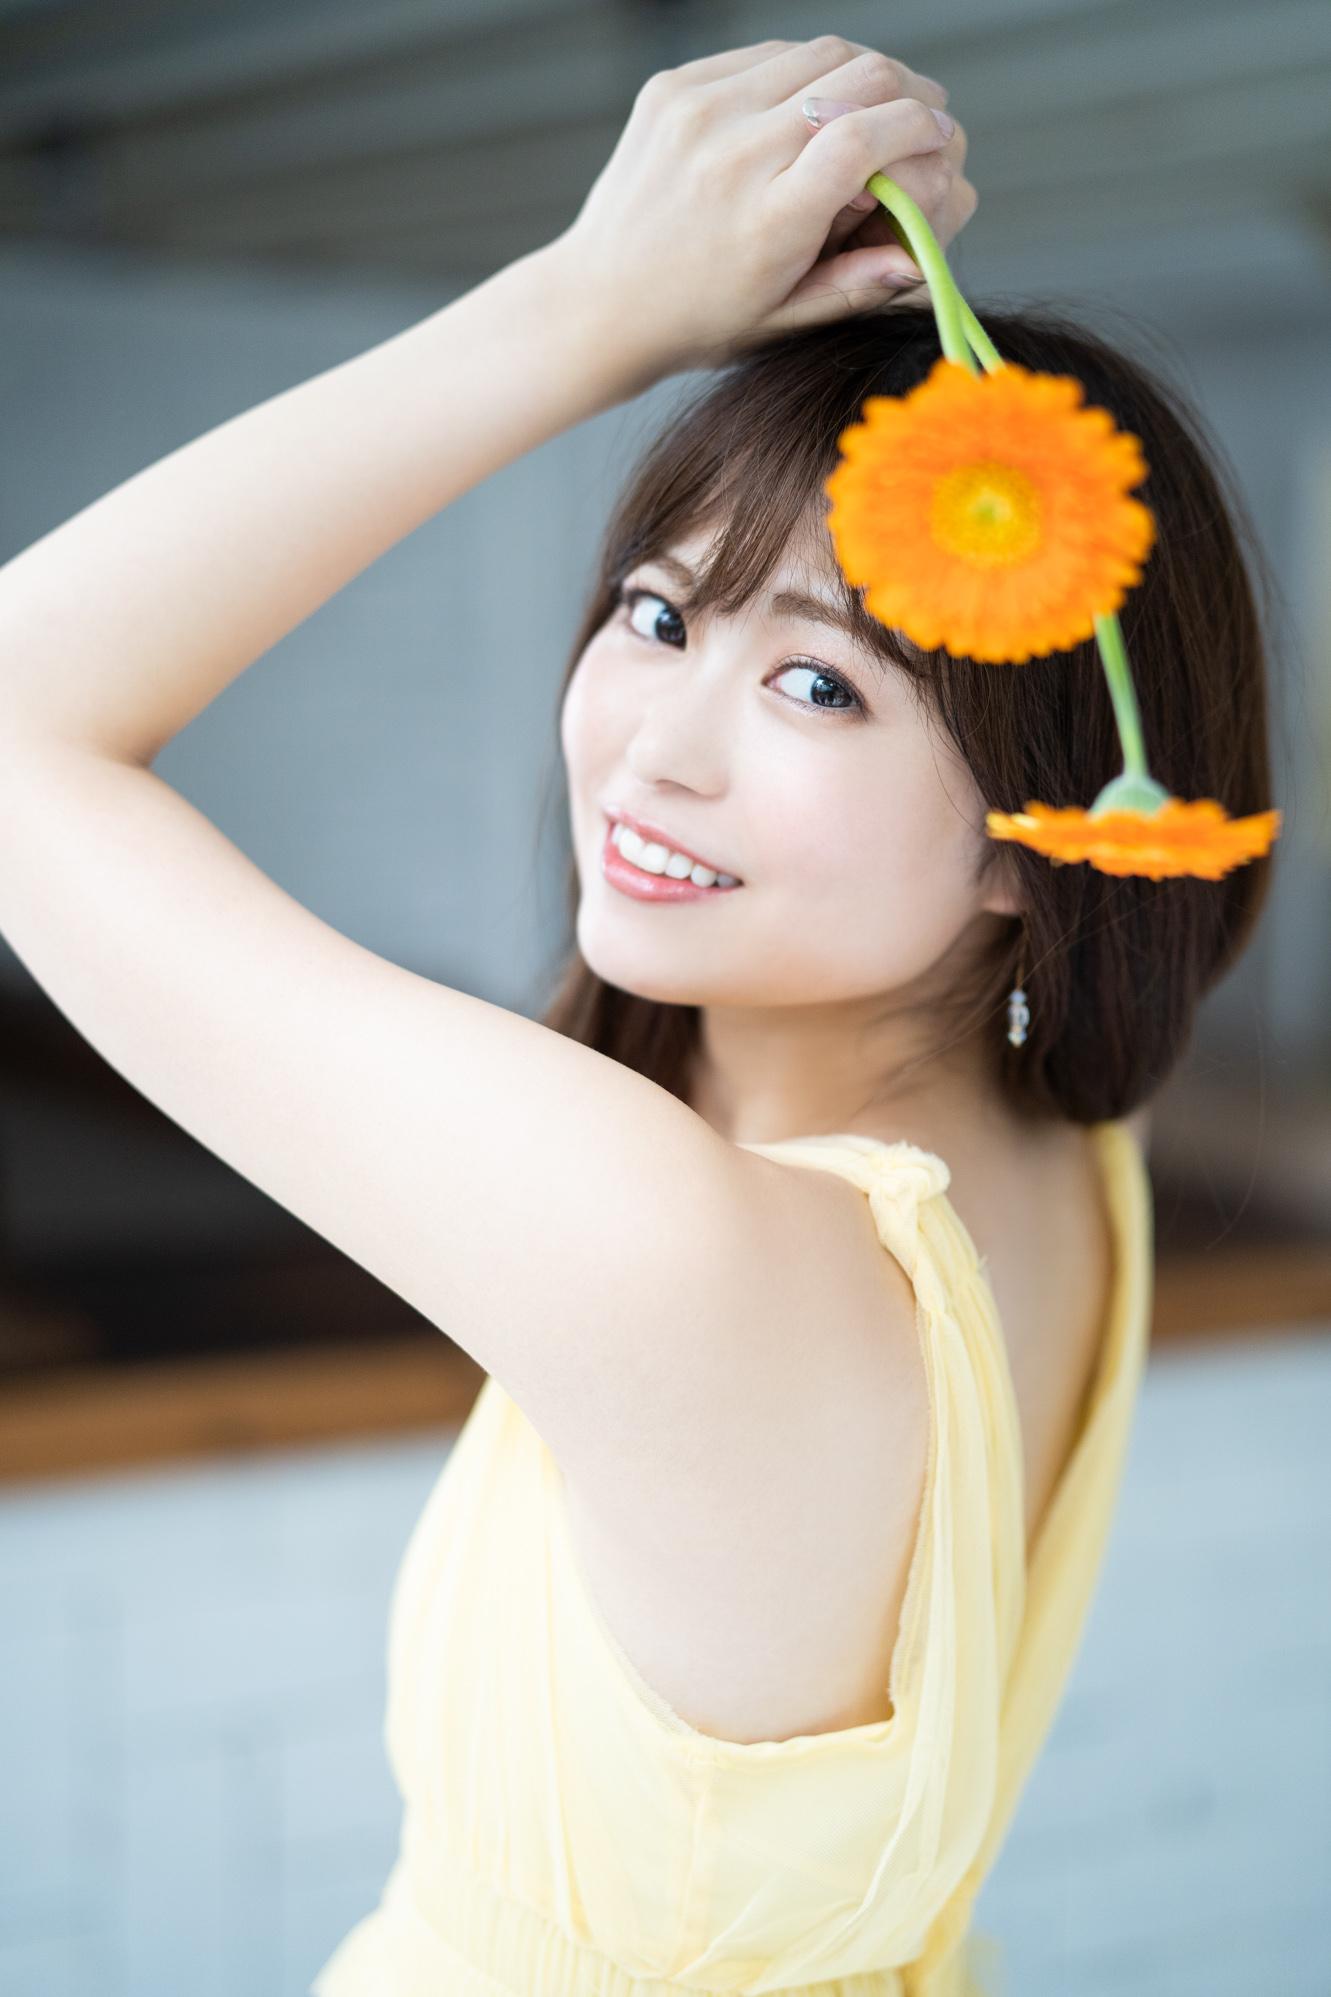 前田亜美(まえだ あみ/元AKB48)下着姿/『前田亜美1stフォトブック AMI』